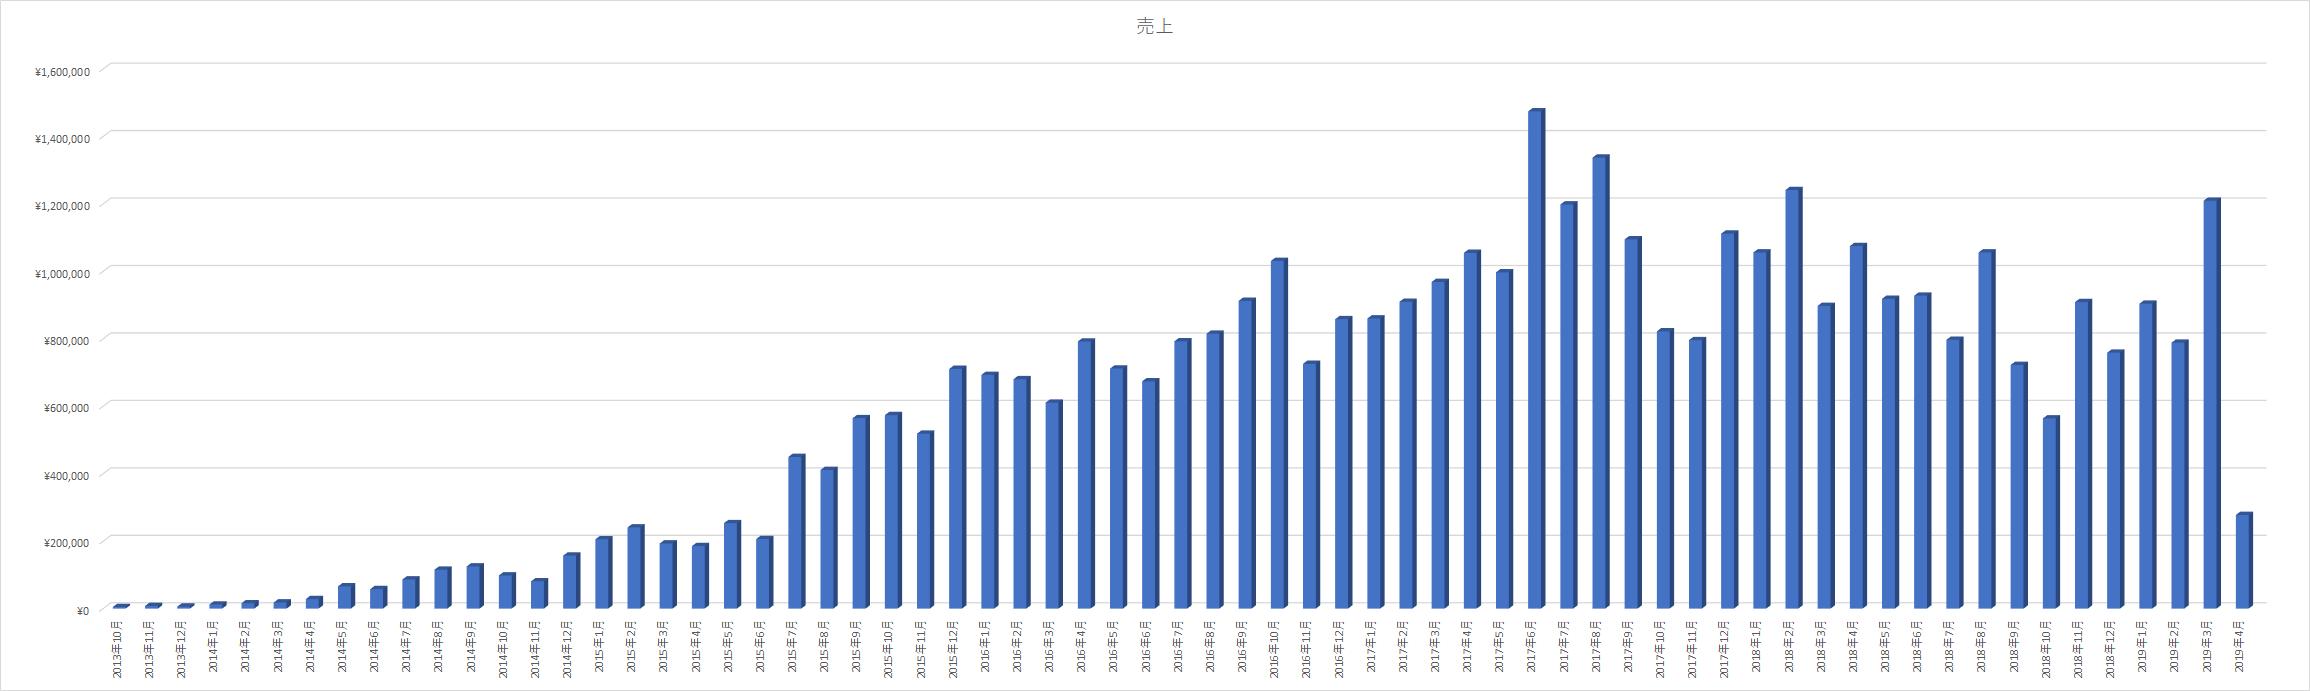 アフィリエイト売上2013年~2019年